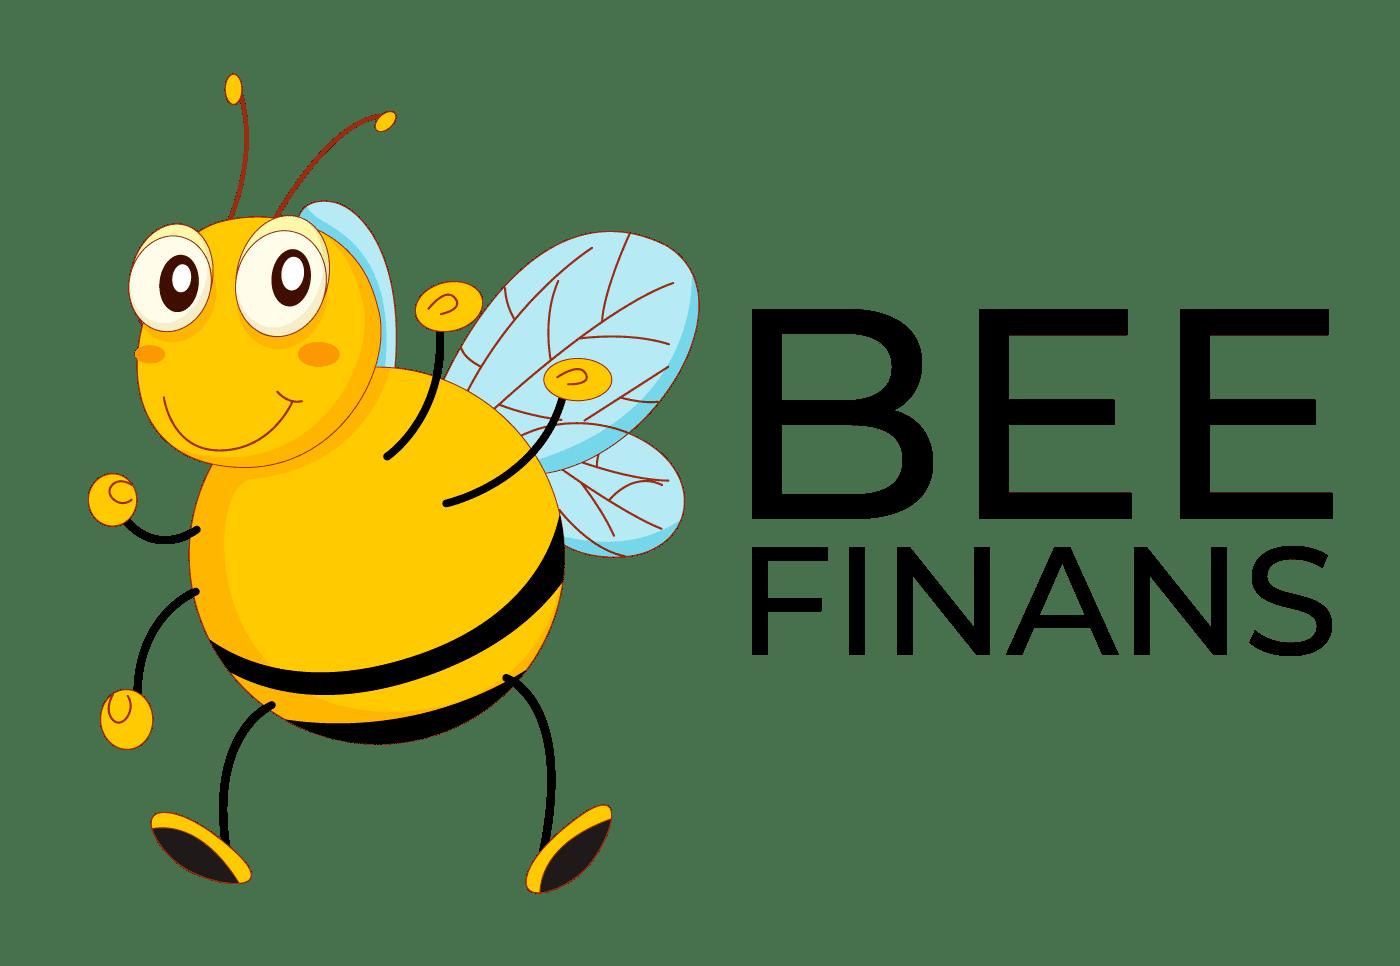 beefinans-logo